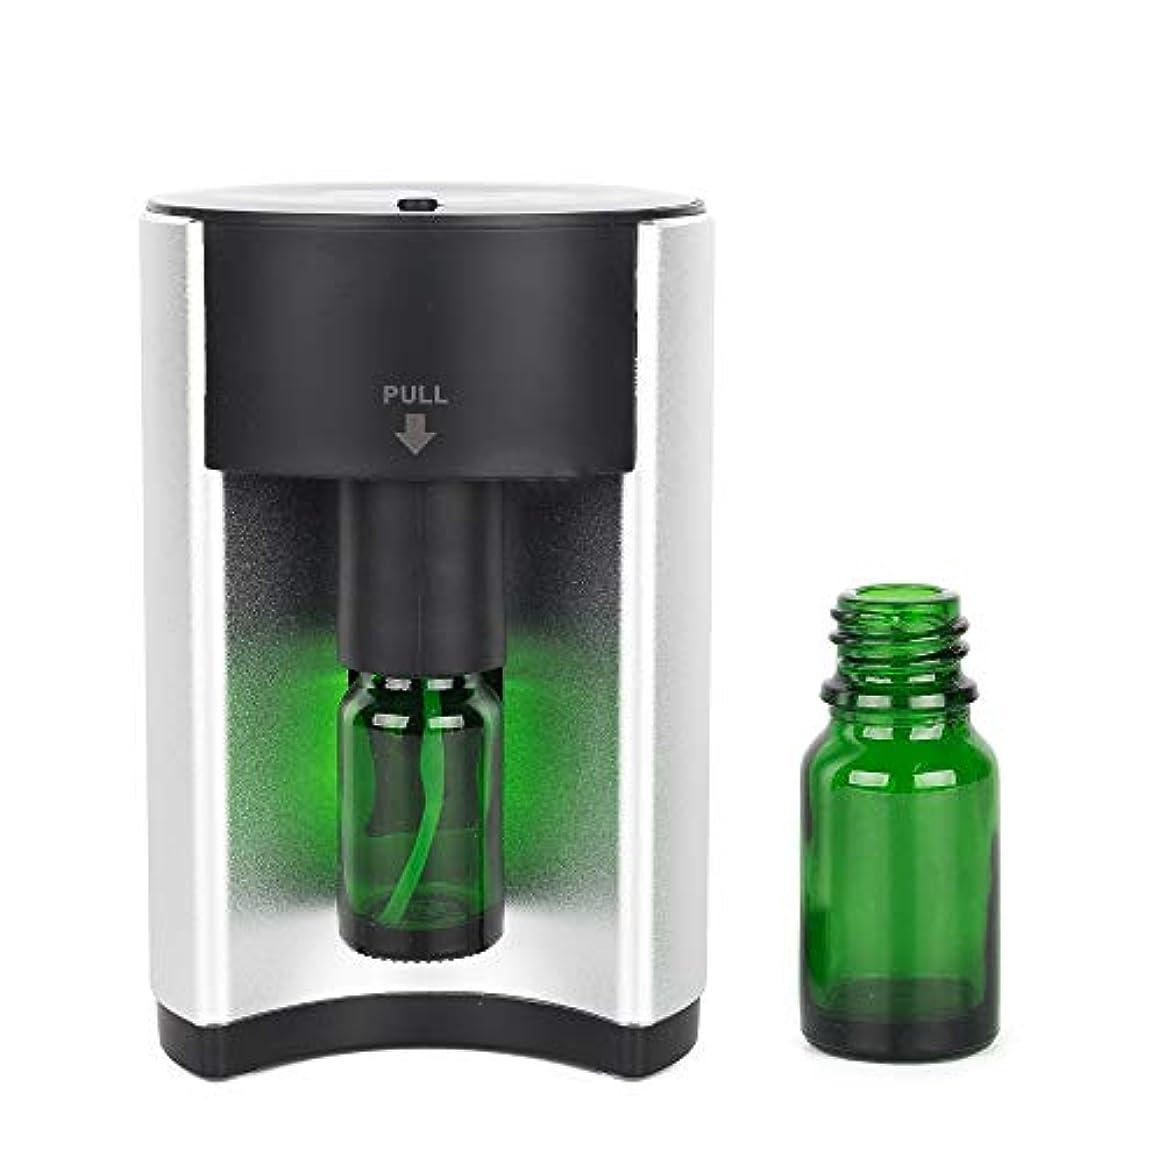 本当のことを言うと通知データベースアロマディフューザー アロマ 芳香器 (GT-SH-S1)アロマオイル ネブライザー式 アロマポット usb コンセント 小型 香り おしゃれ 可愛い シンプル 軽量 卓上 シンプル スマート 水を使わない オイル別売り